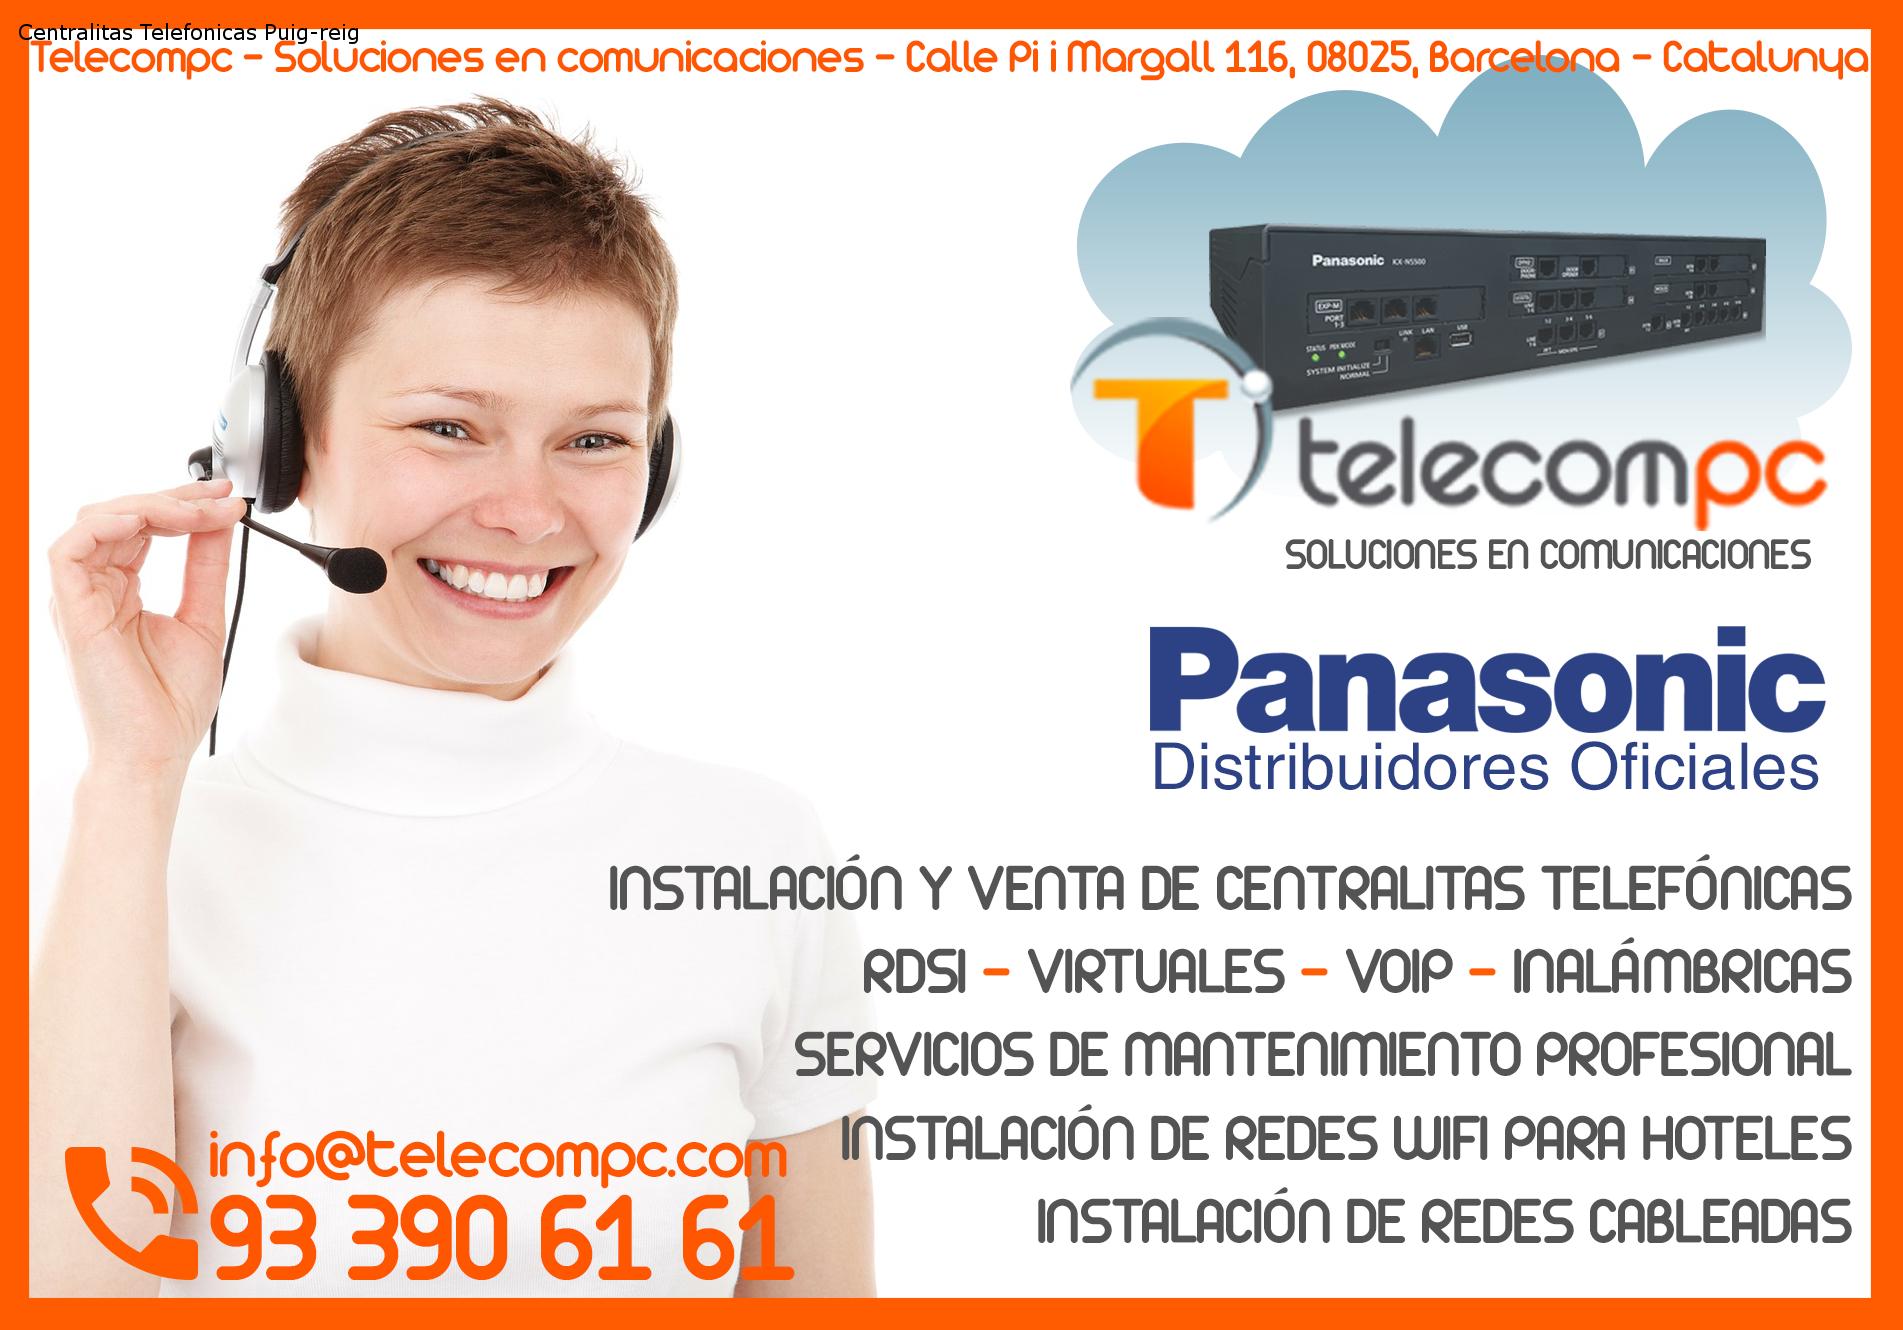 Centralitas Telefonicas Puig-reig